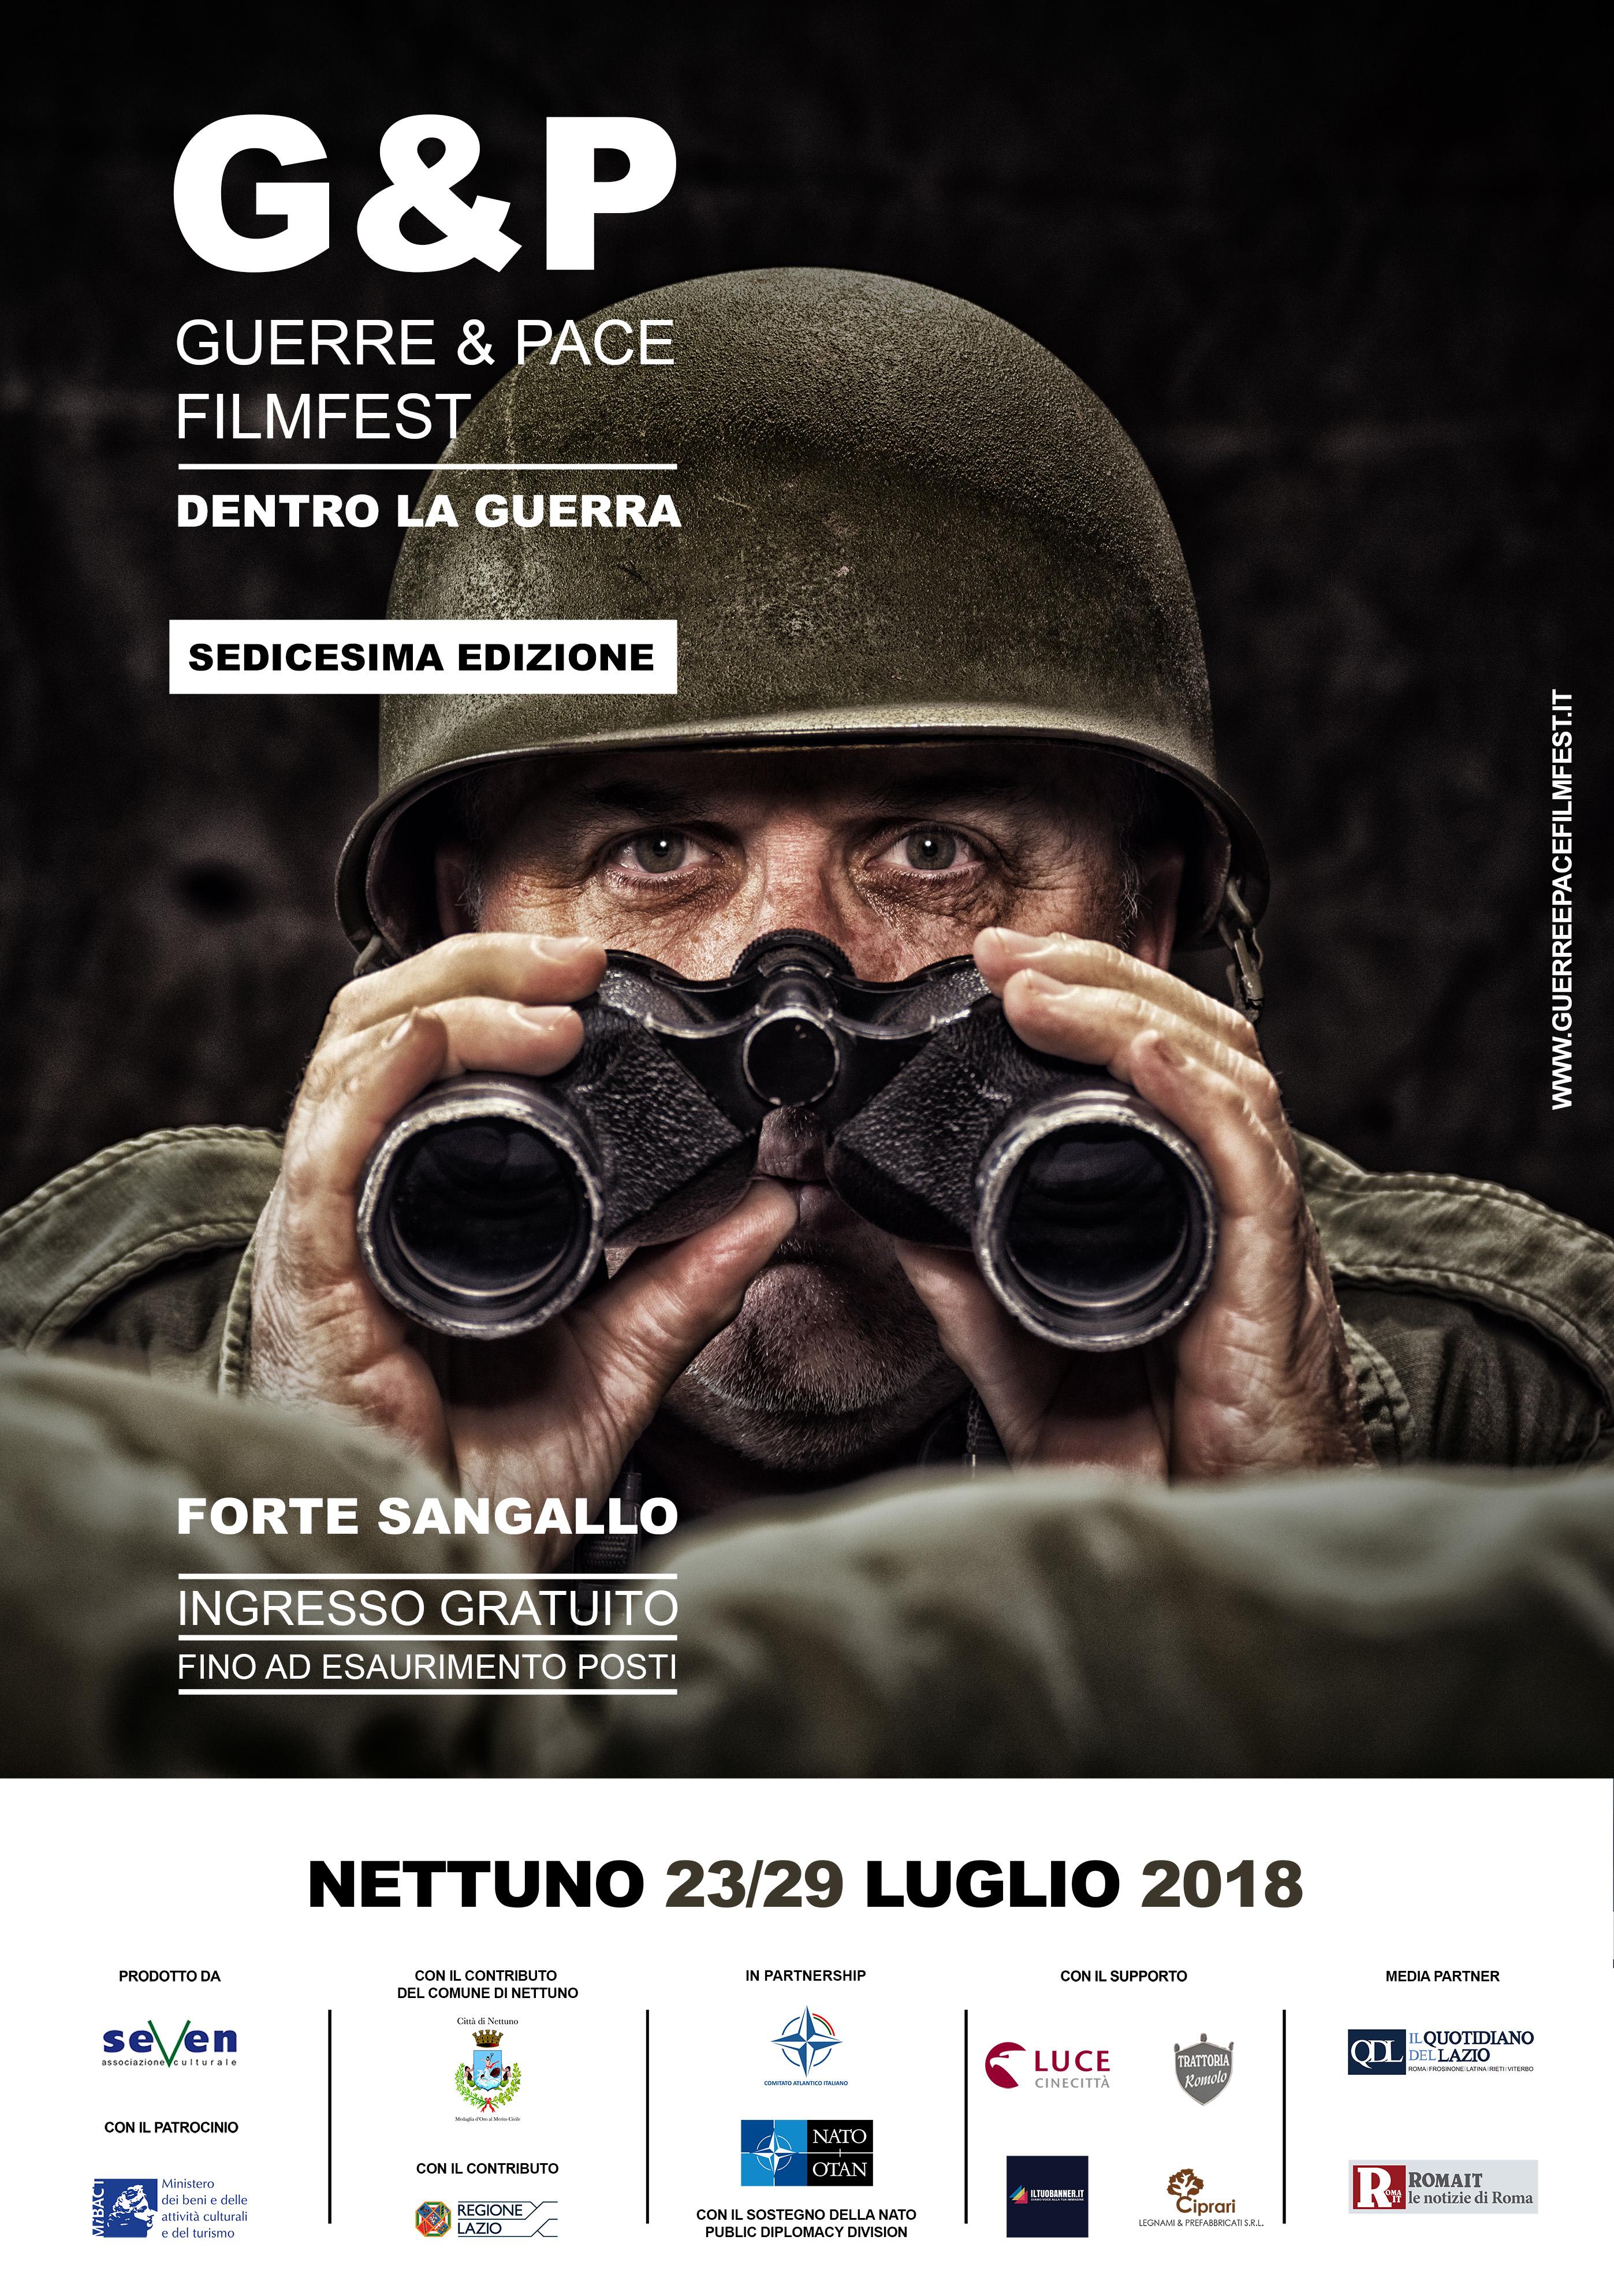 A Nettuno (RM) la 16° Edizione del Guerre&Pace FilmFest